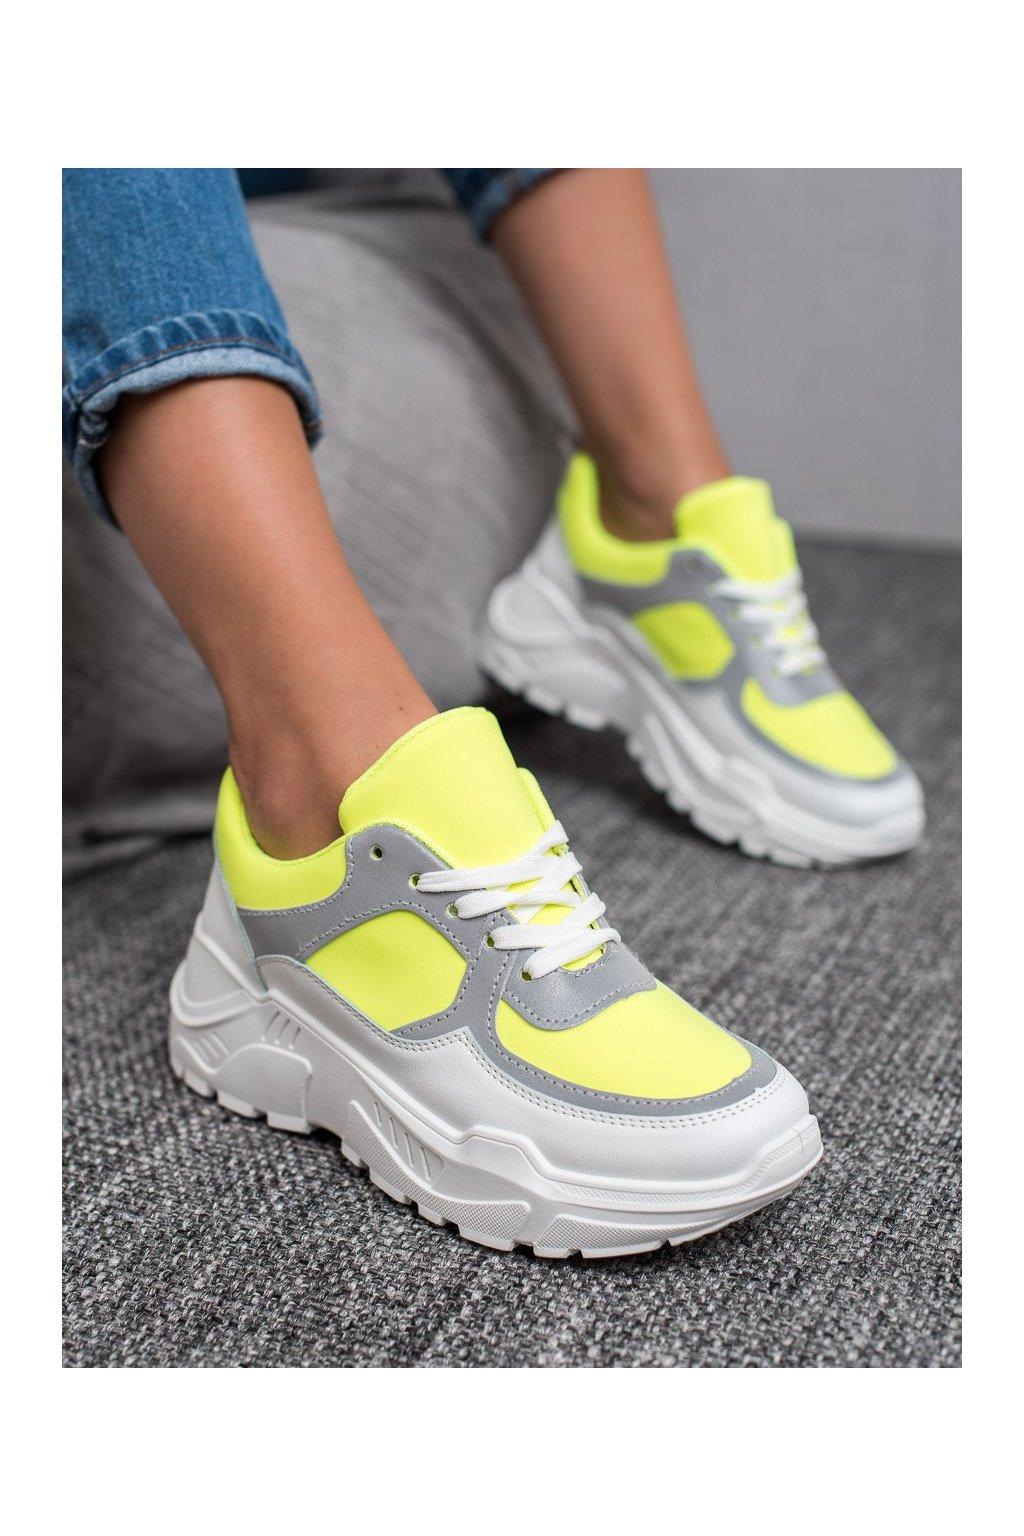 Žlté tenisky - Ideal shoes kod RB-3310GR